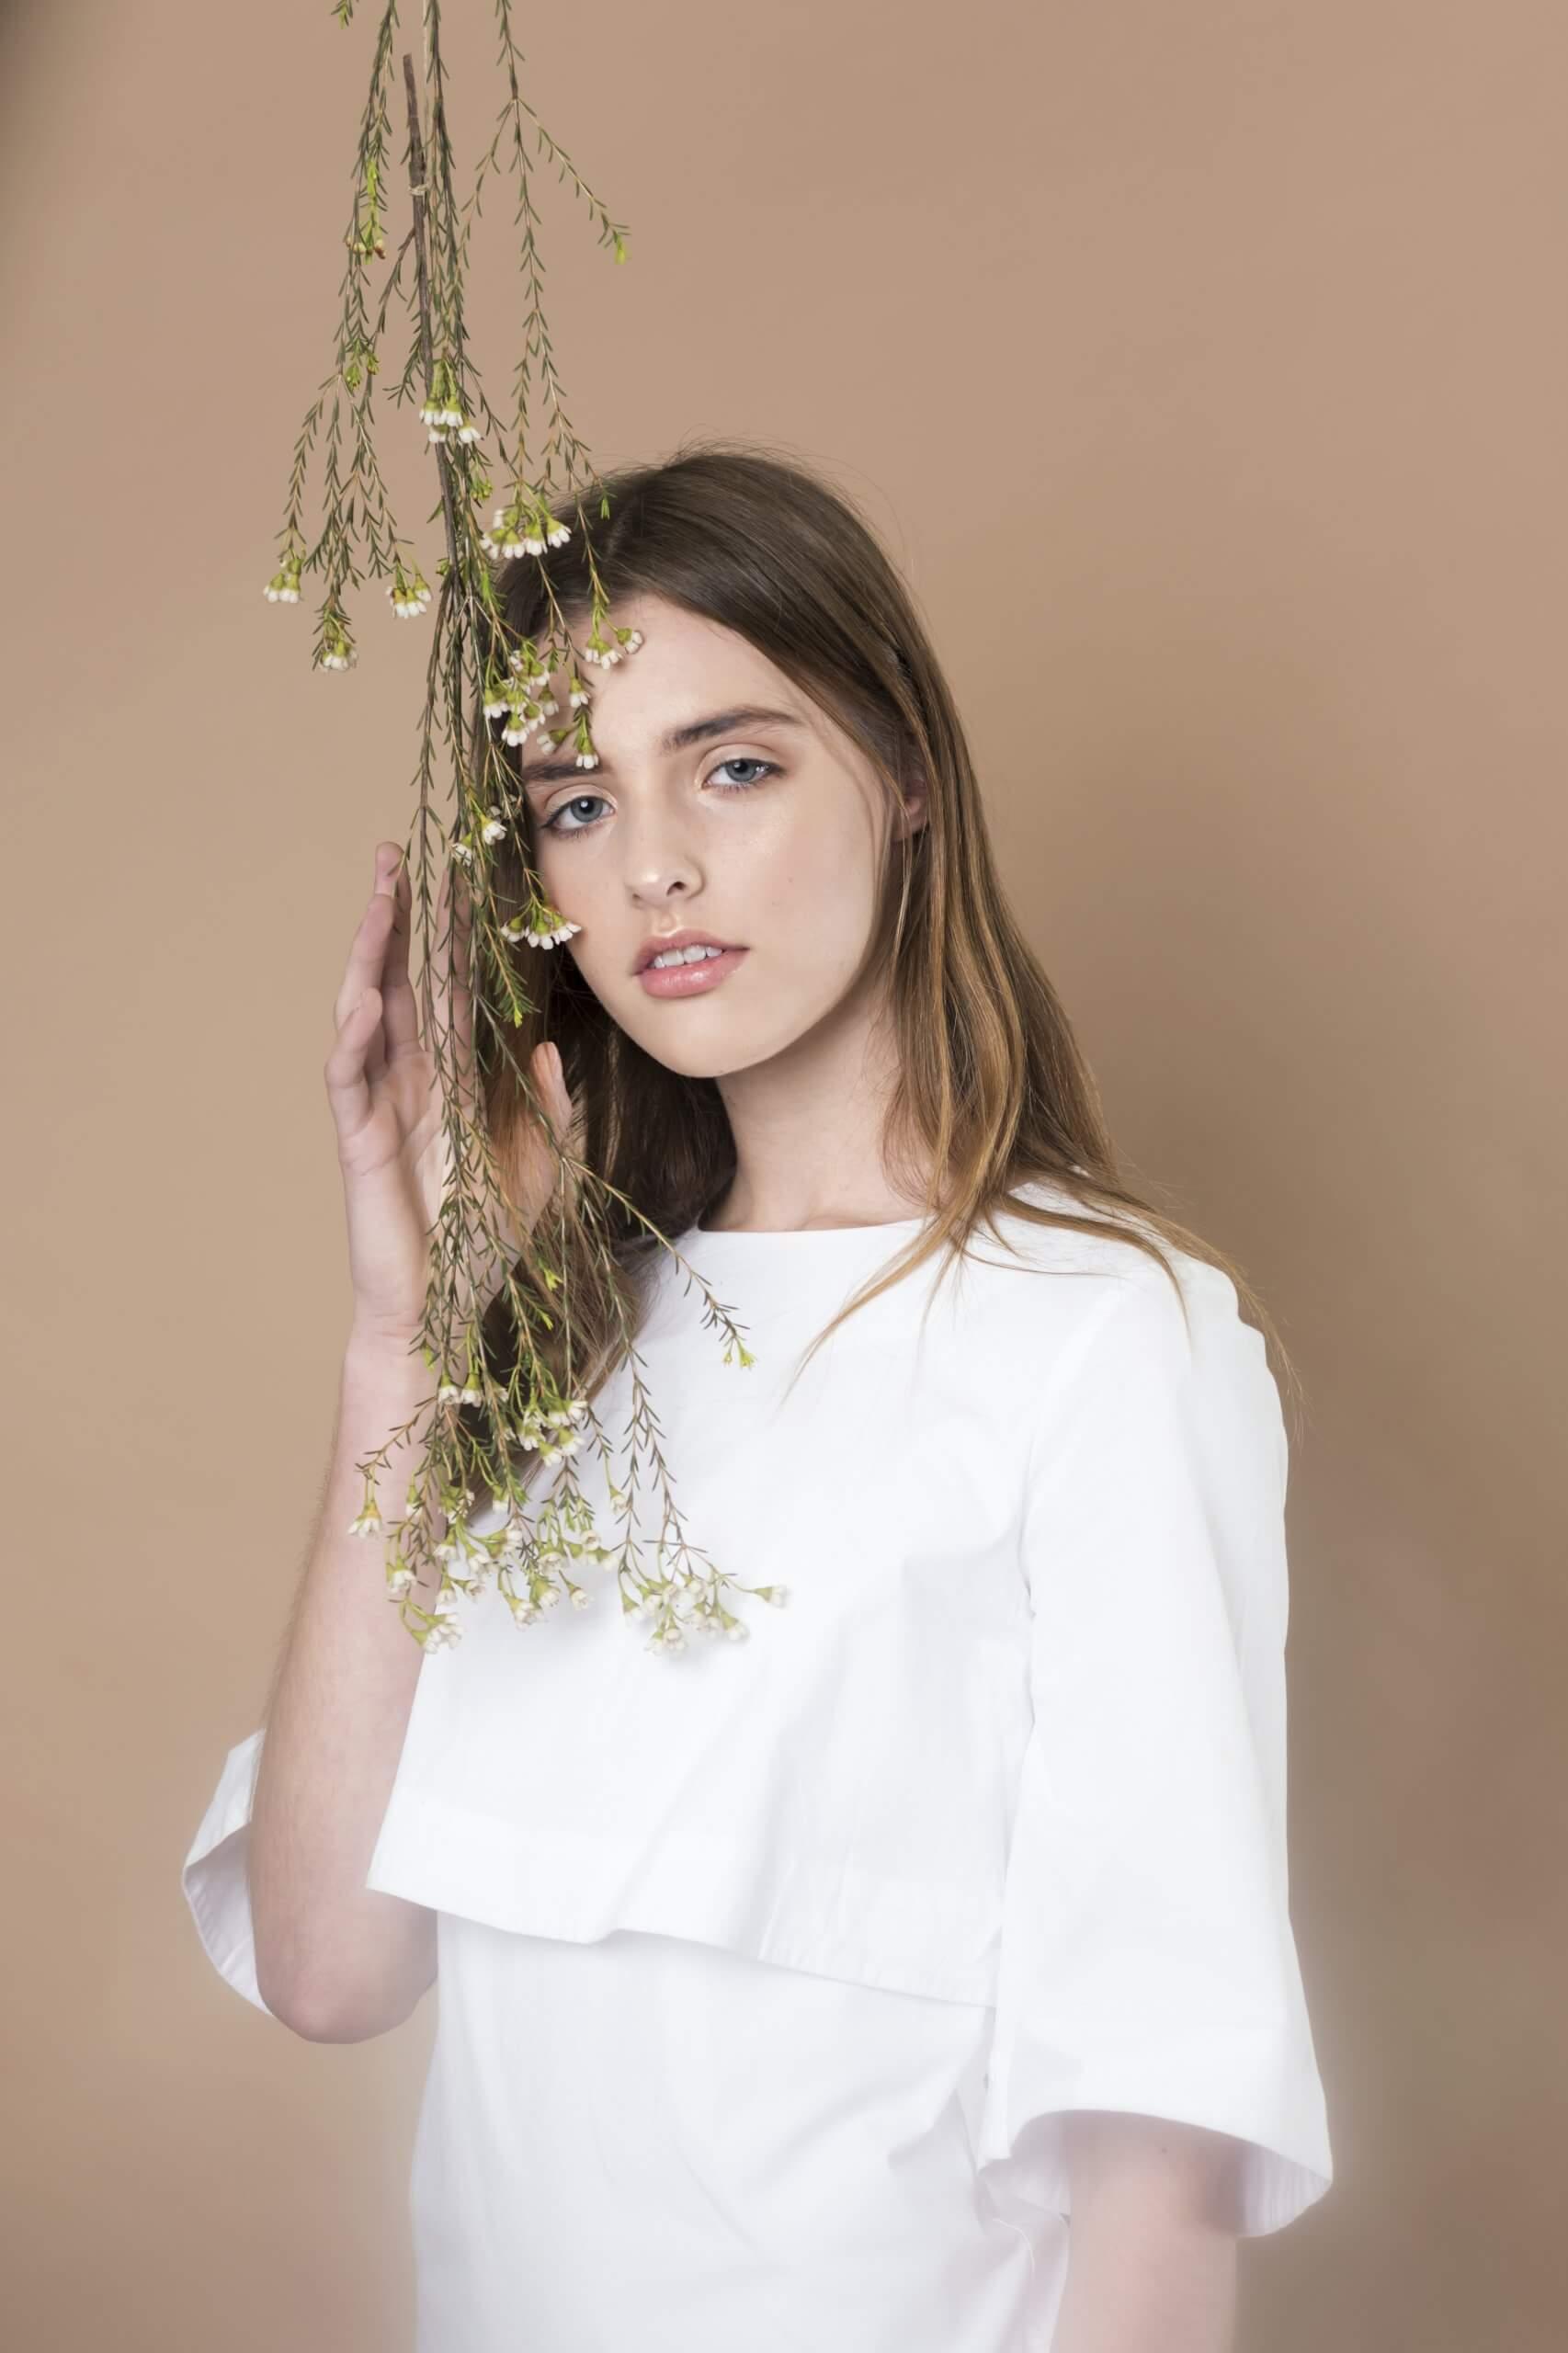 Breathe Portret Floor Witte jurk